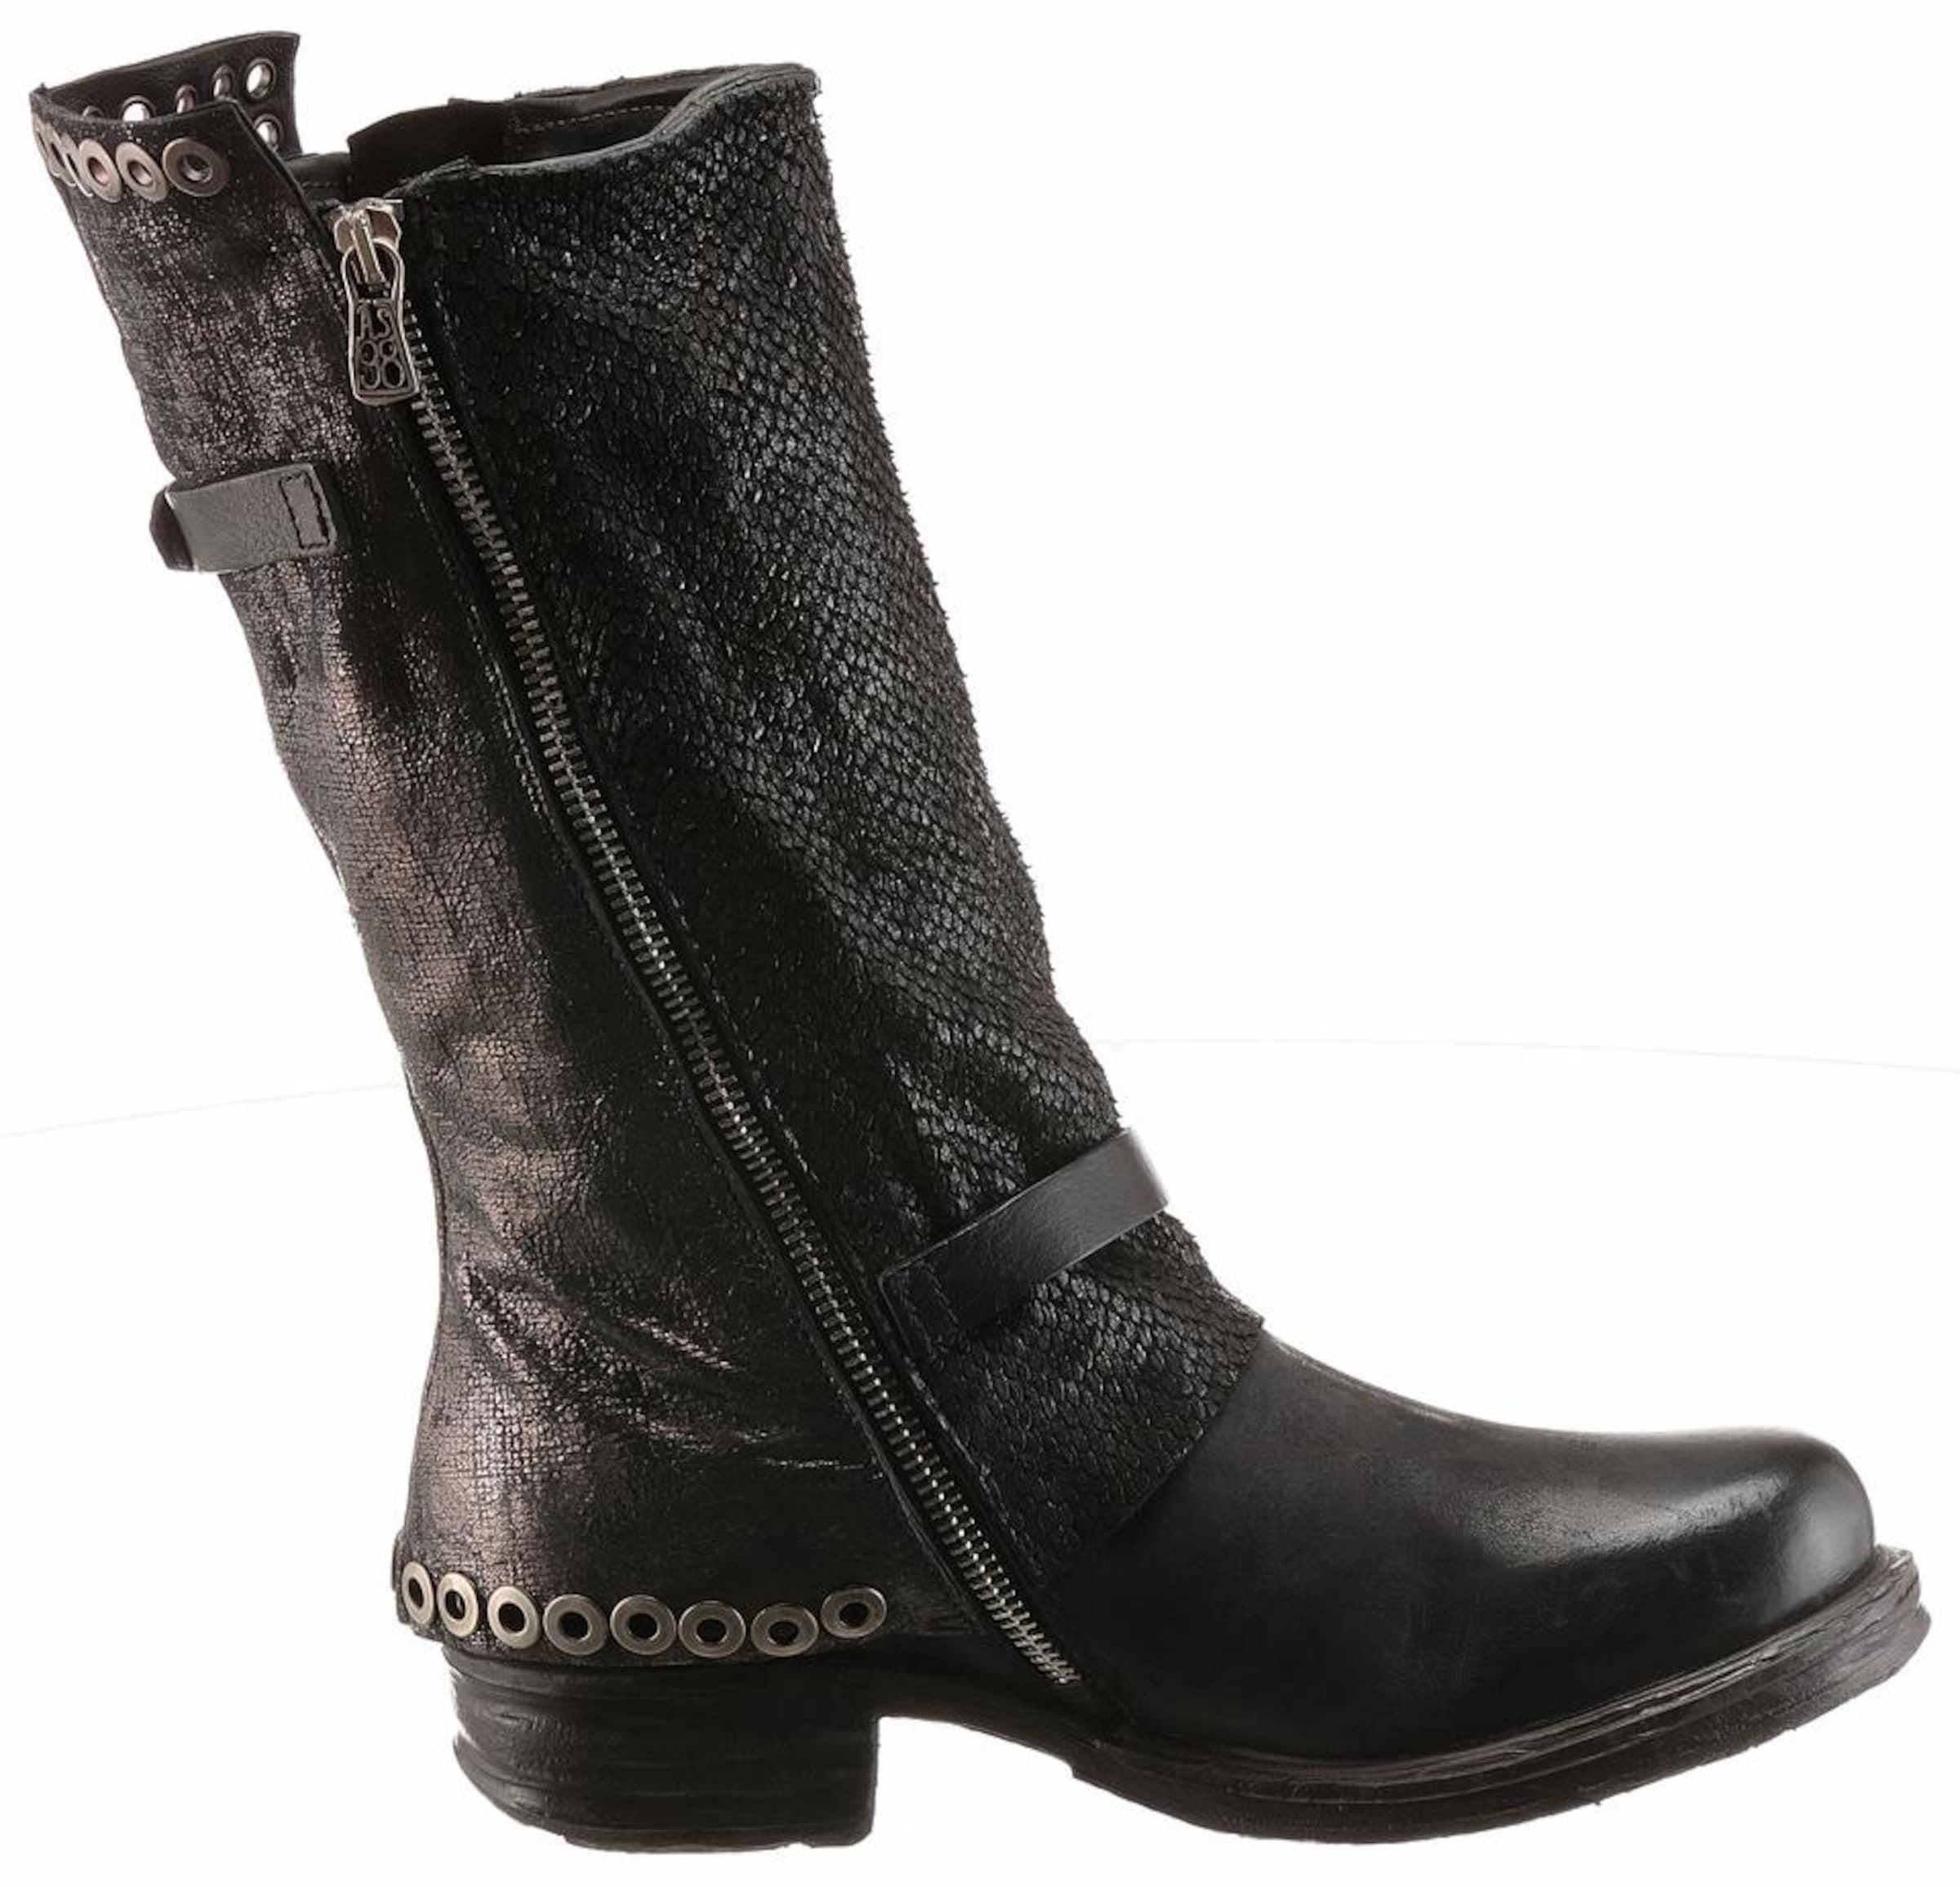 A.S.98 Stiefel Viele Arten Von Günstigem Preis 584bn